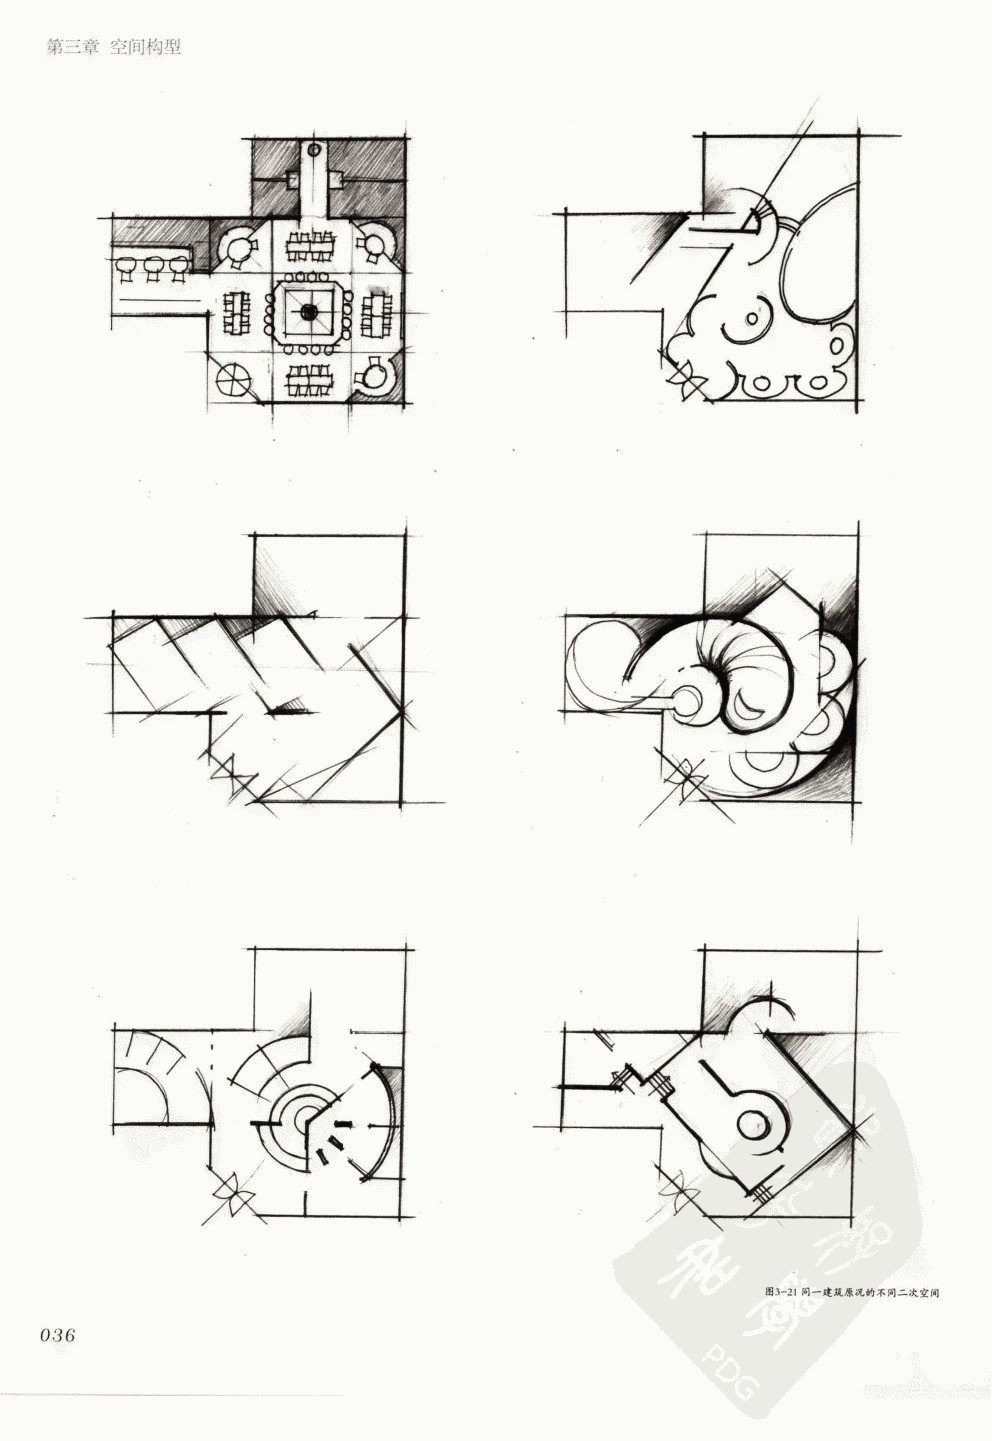 室内设计纲要++概念思考与过程表达_室内设计纲要  概念思考与过程表达_1297982..._页面_044.jpg